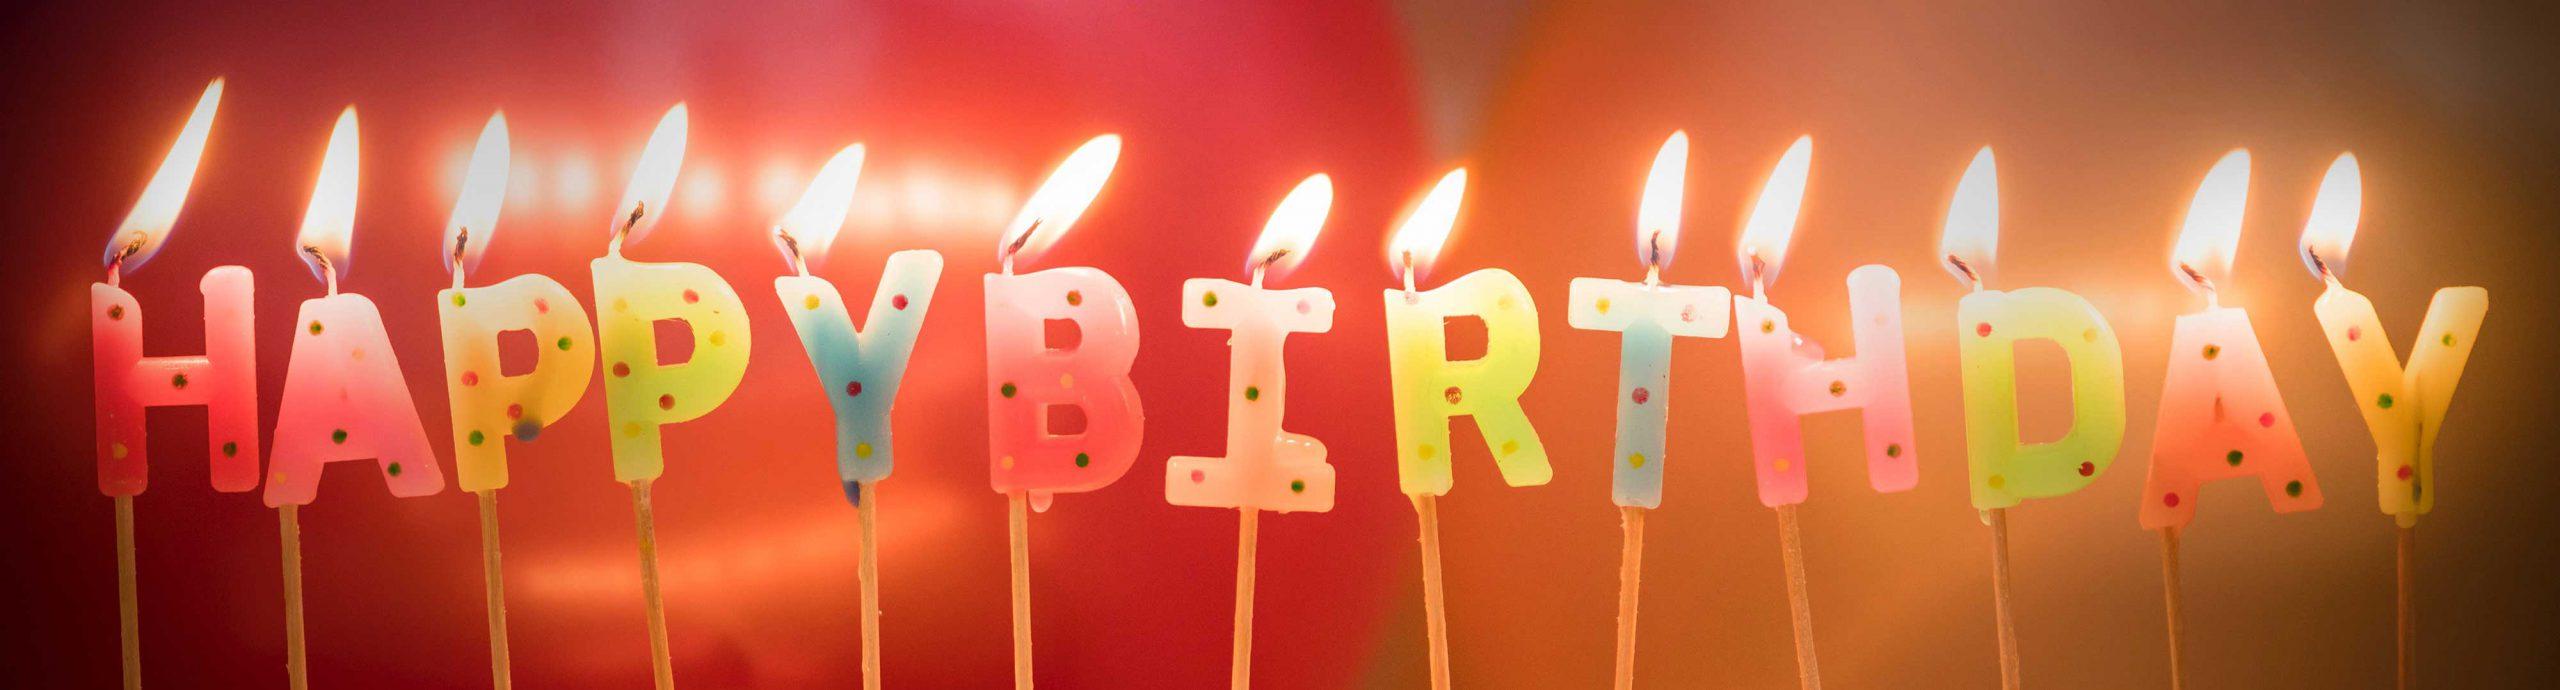 Verjaardagsactie